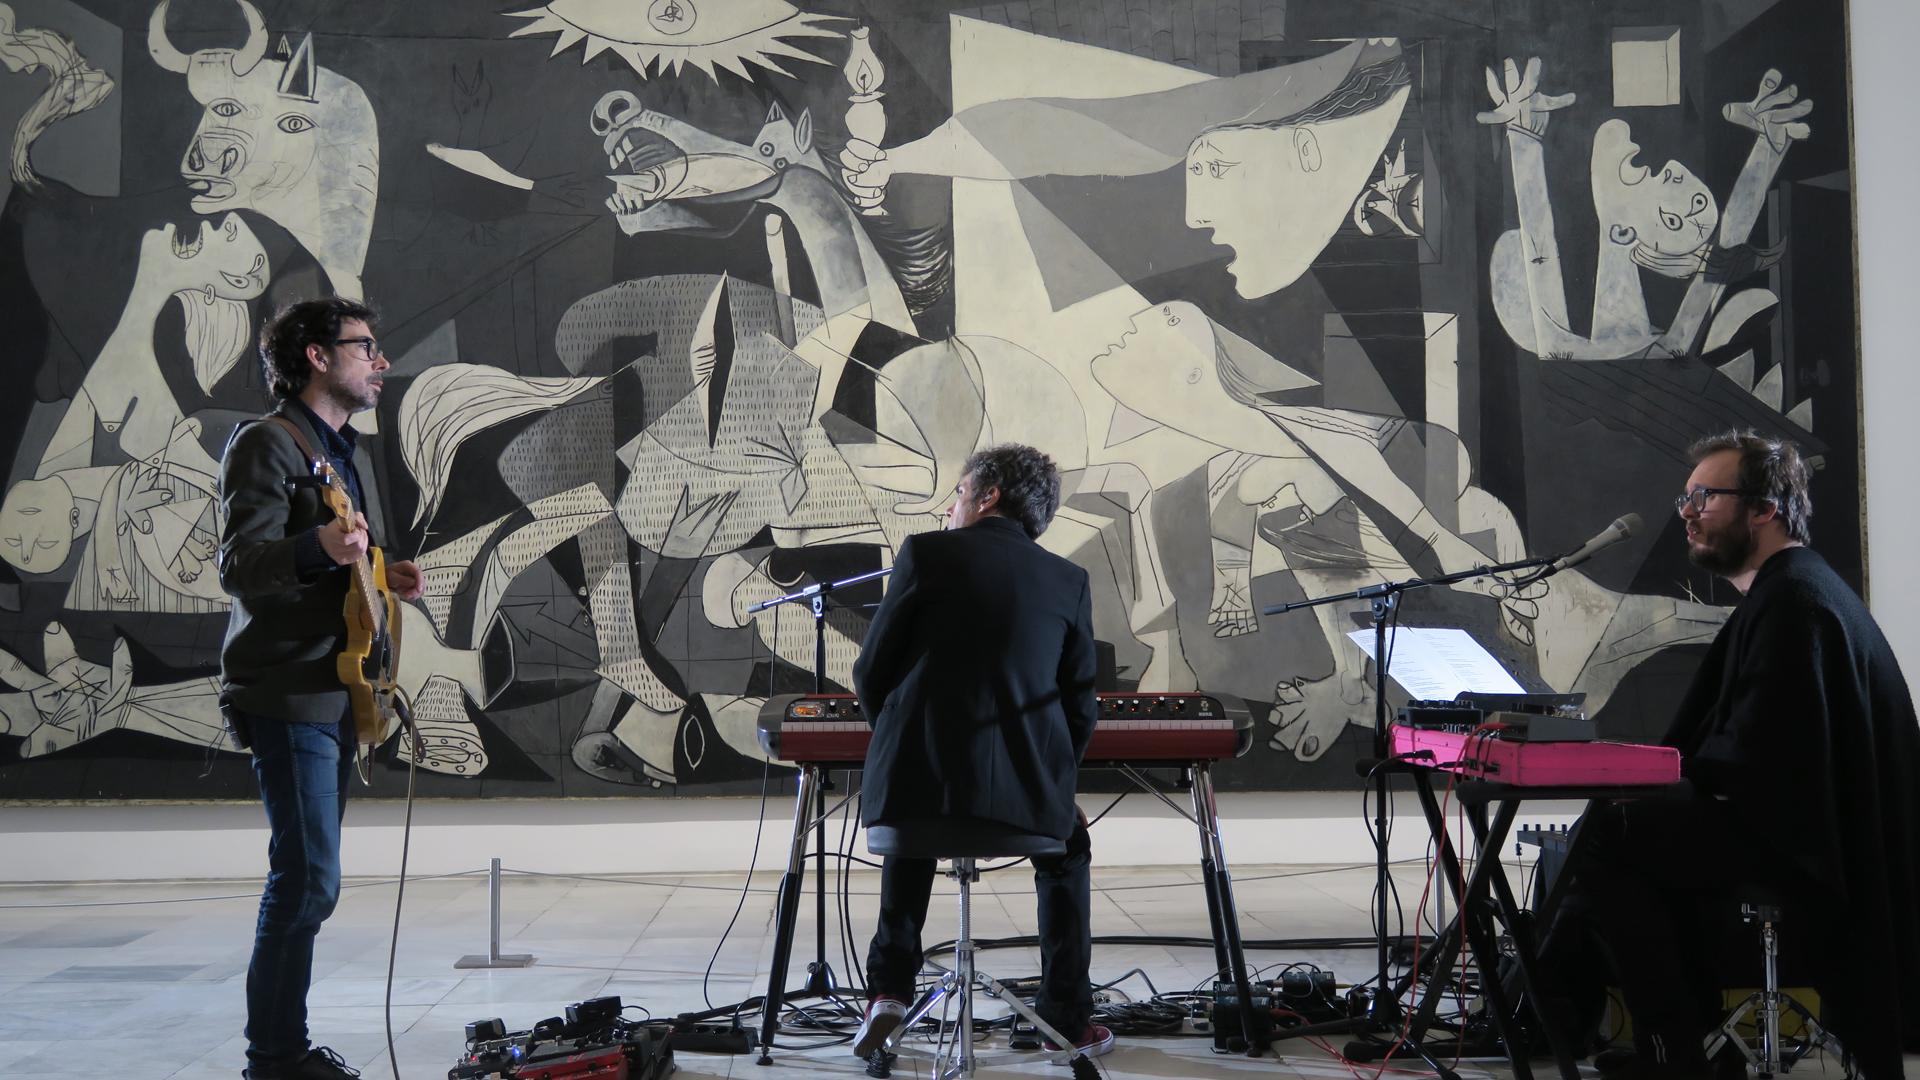 Suena Guernica - Iván Ferreiro, 'El pensamiento circular' (Teaser) - 02/06/17